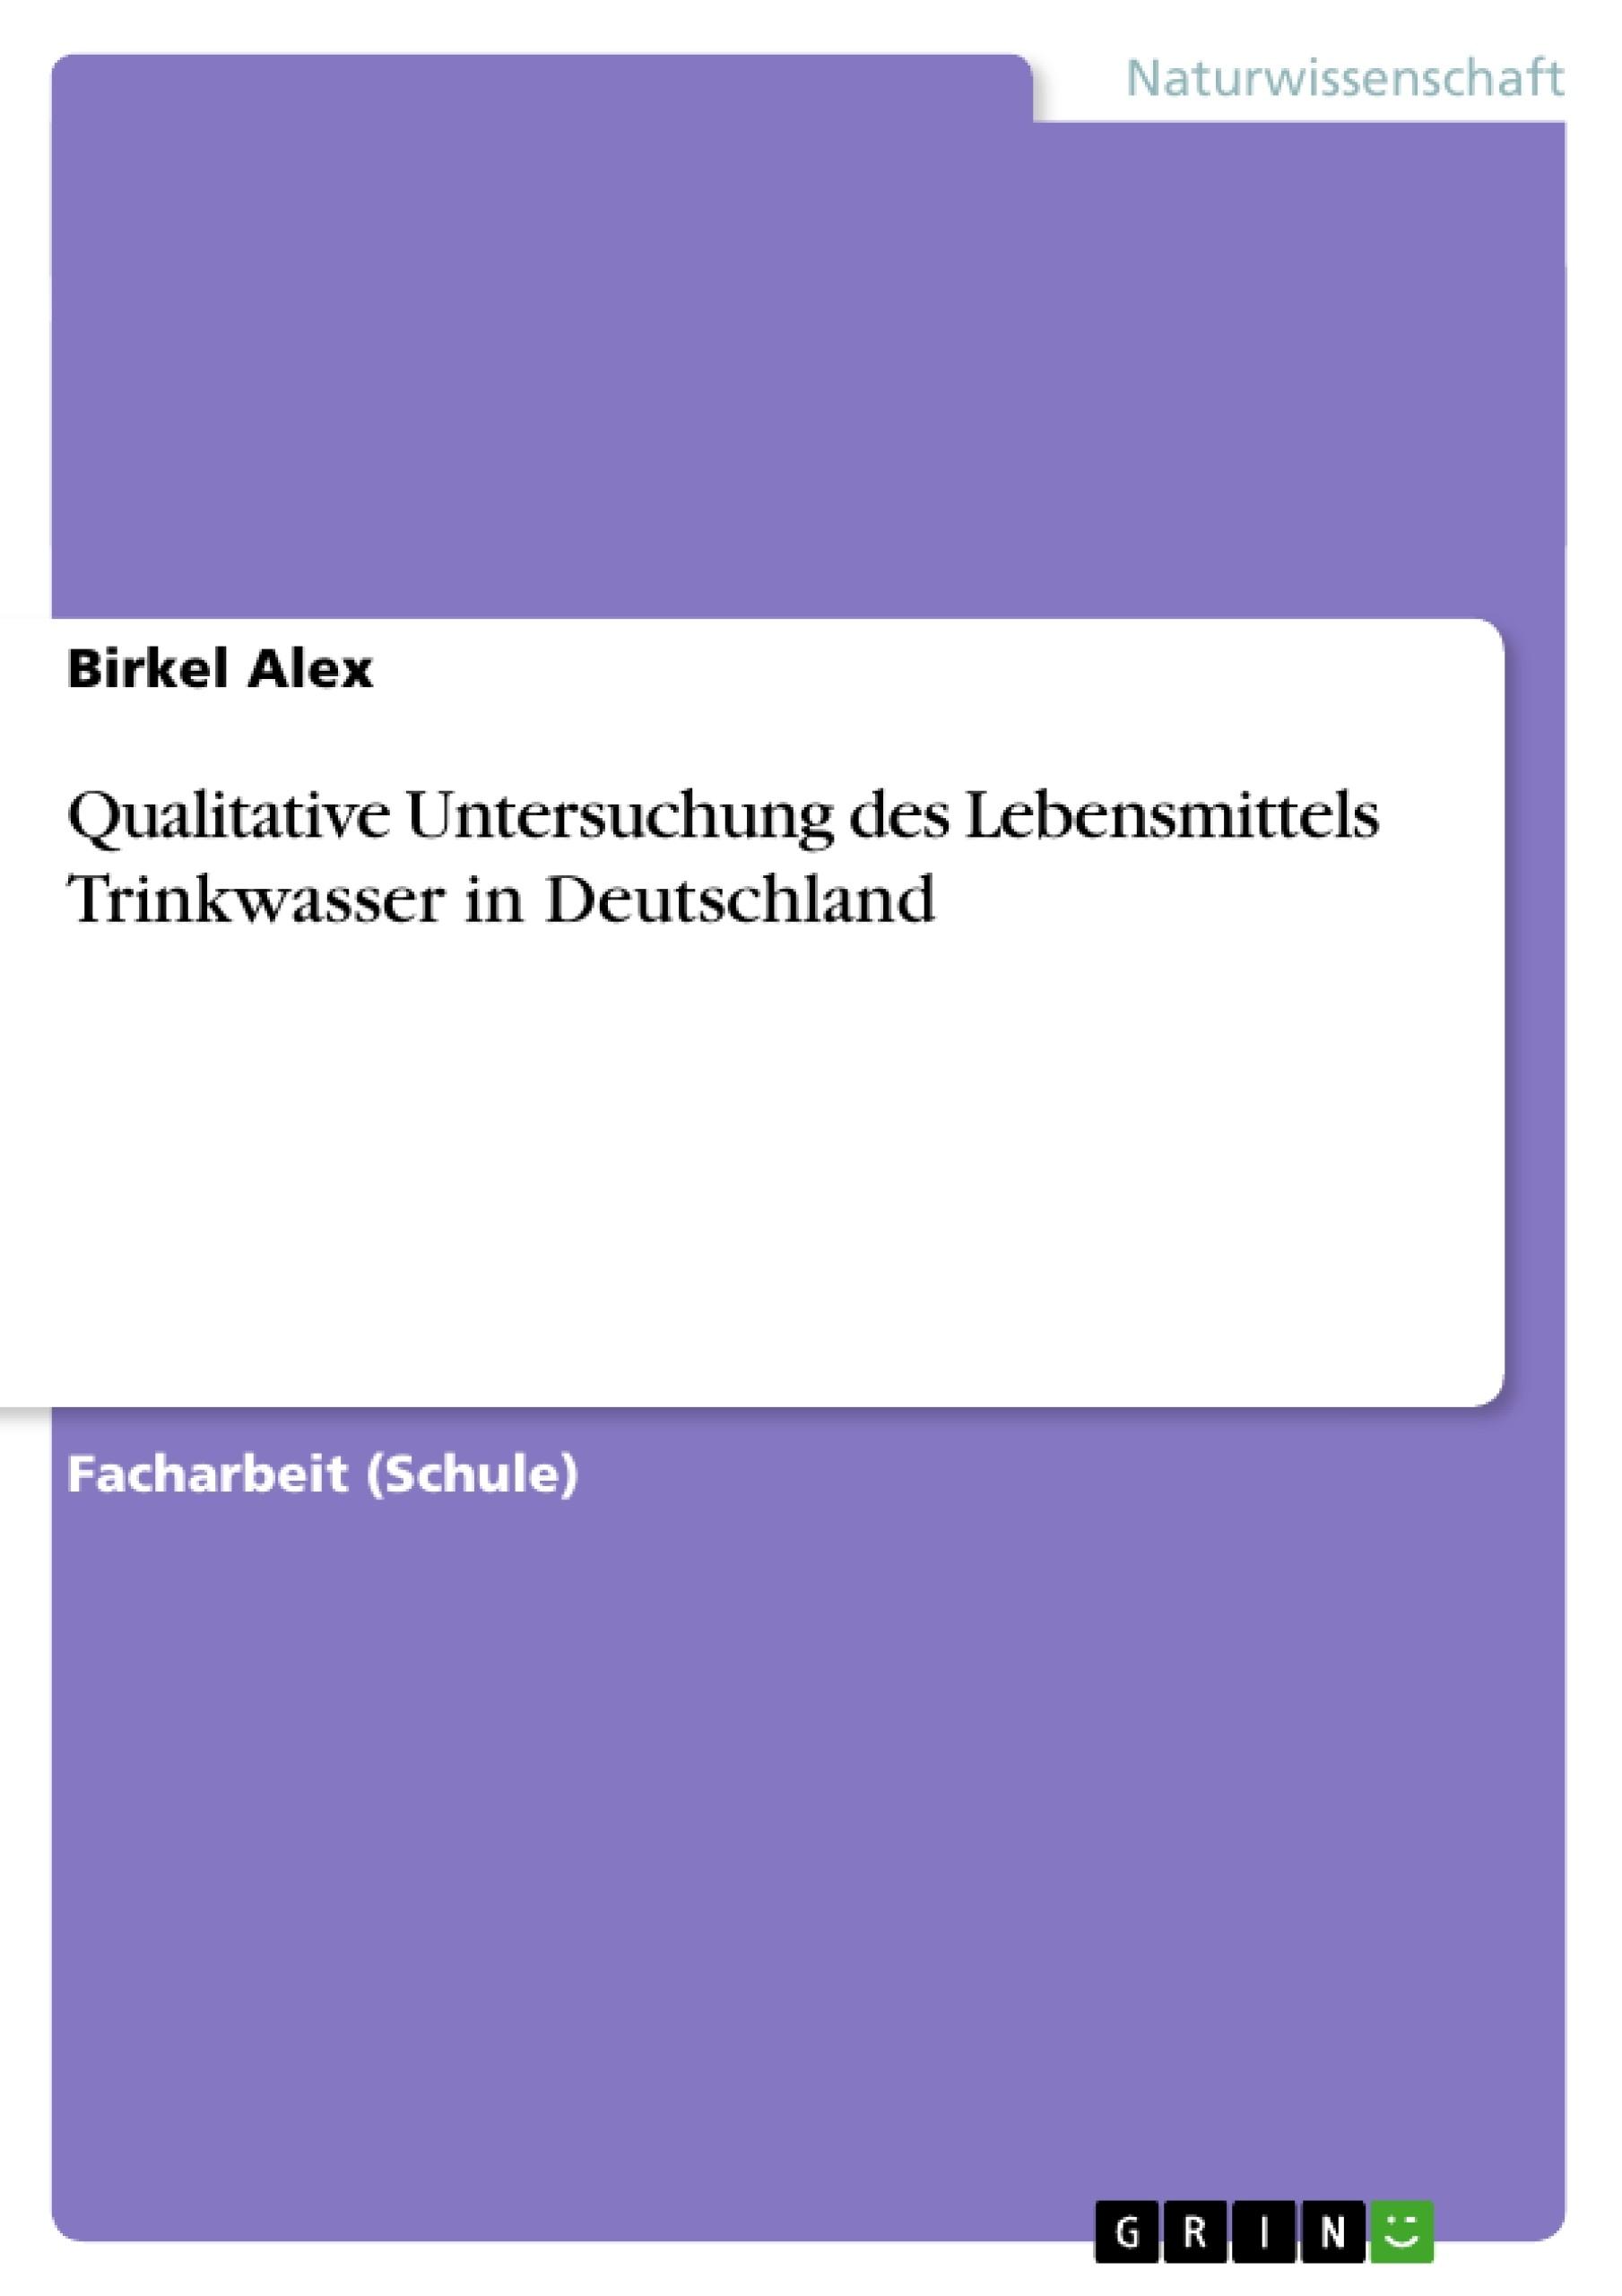 Titel: Qualitative Untersuchung des Lebensmittels Trinkwasser in Deutschland